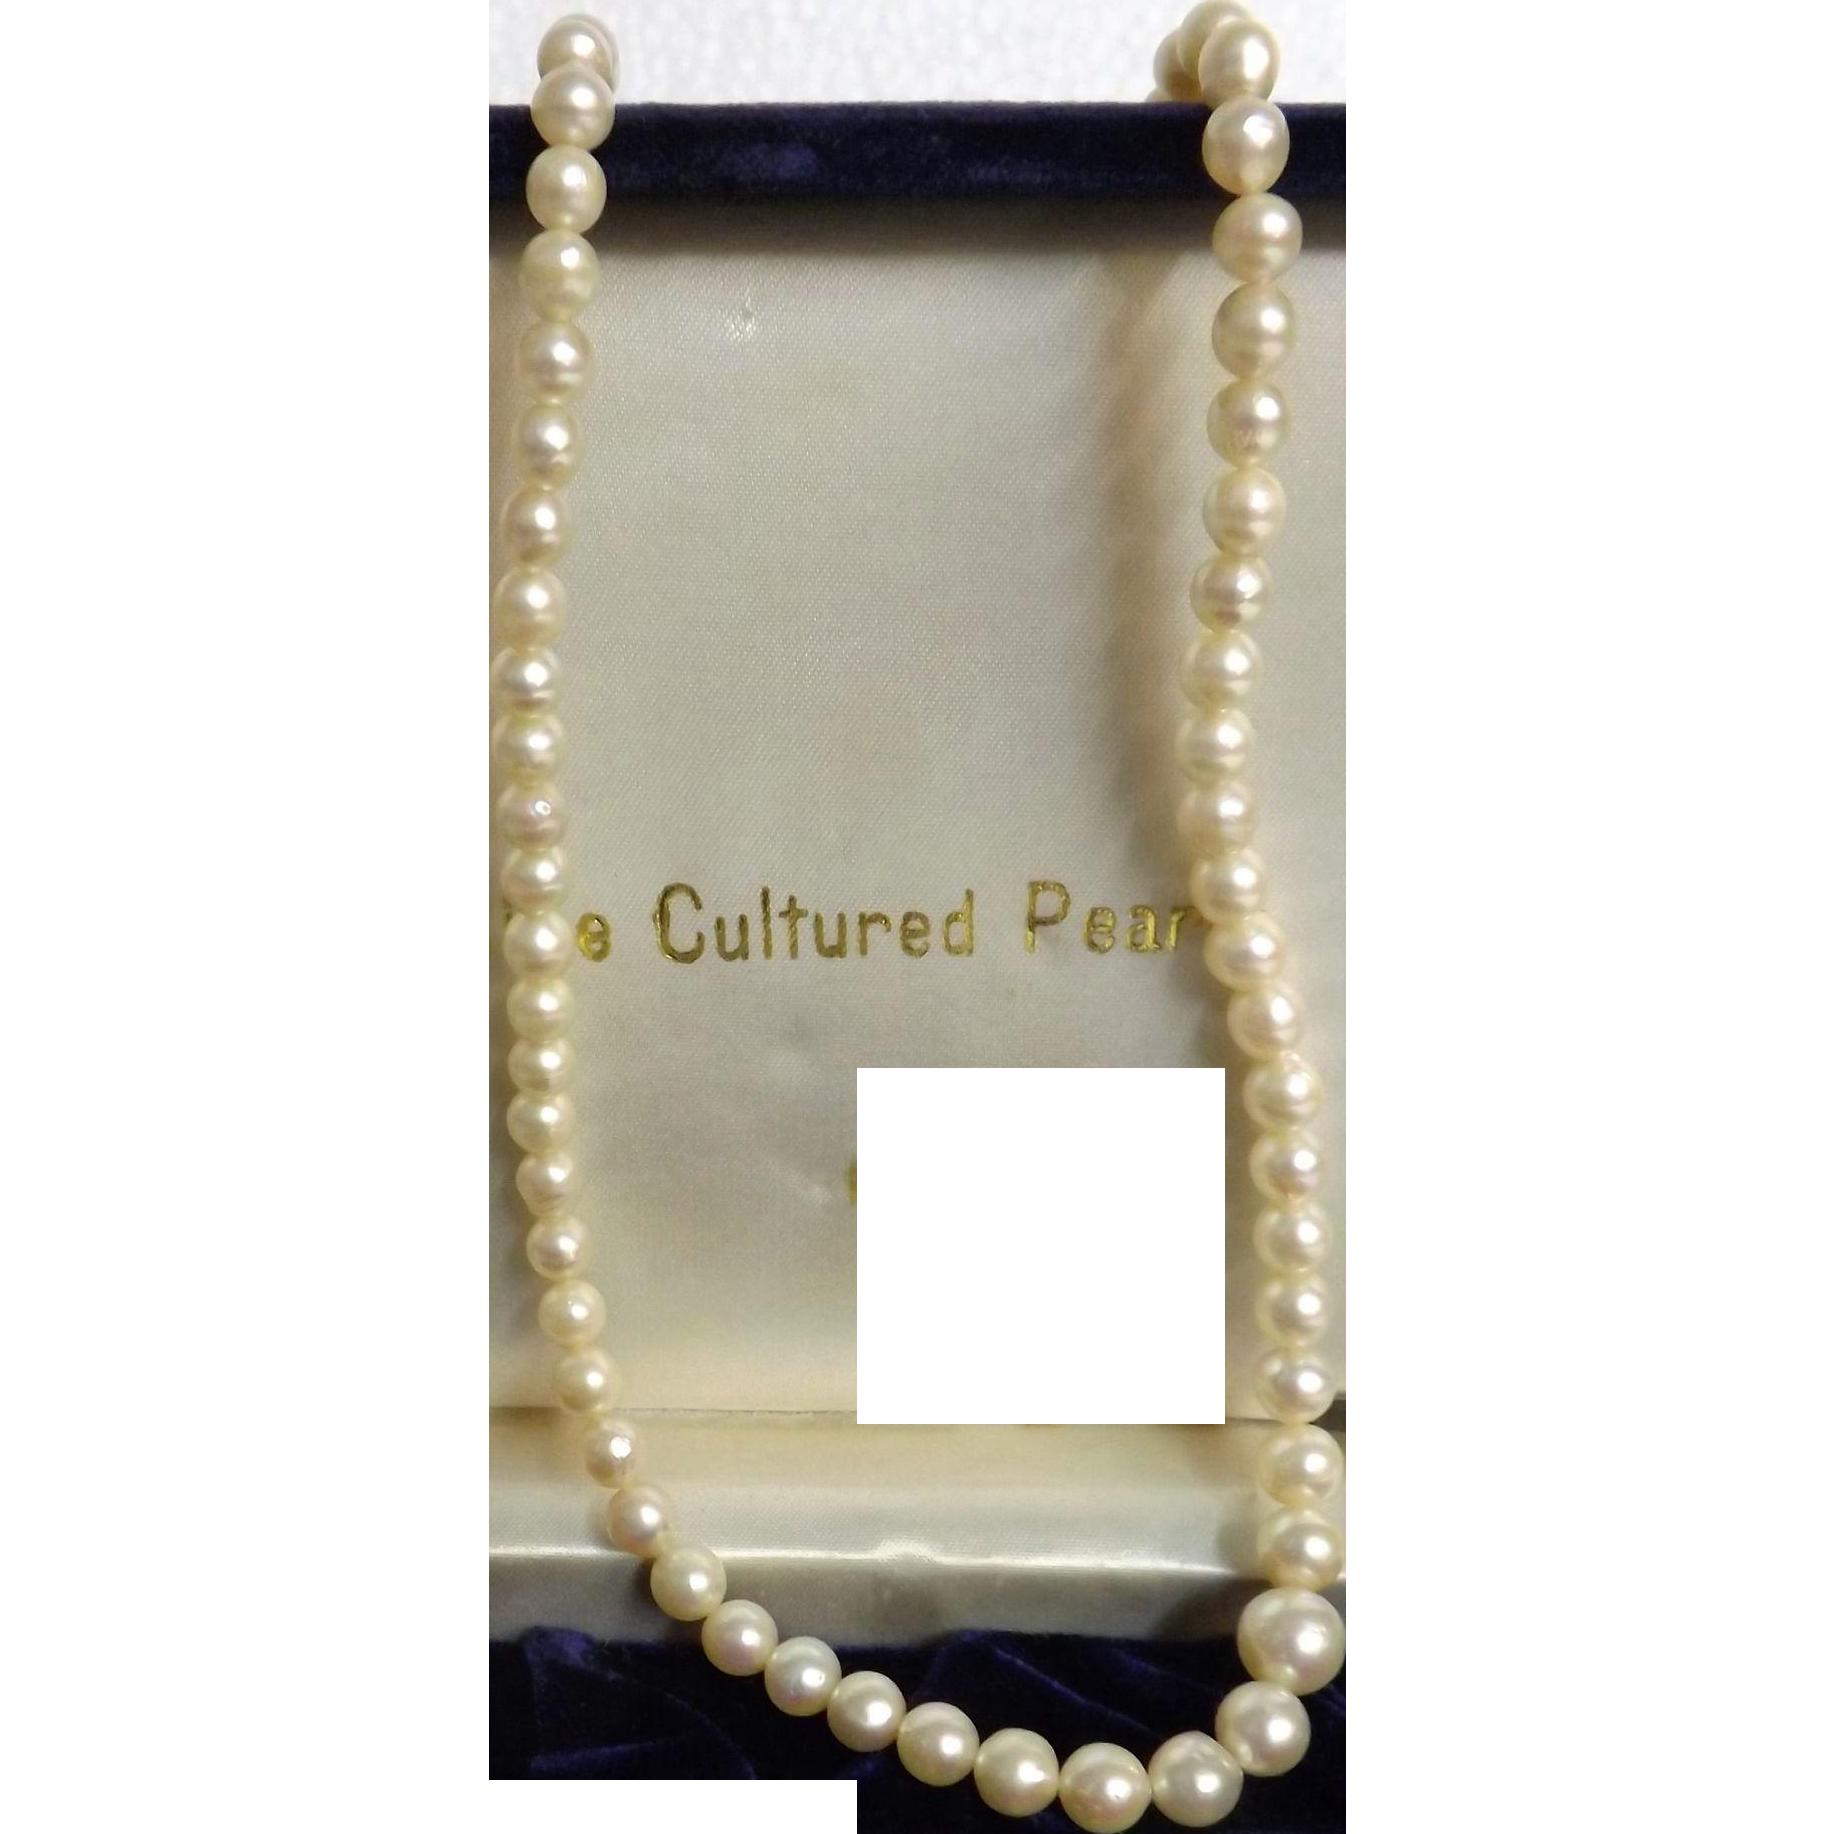 Mikado Boxed Cultured Pearl Necklace - Circa 1960